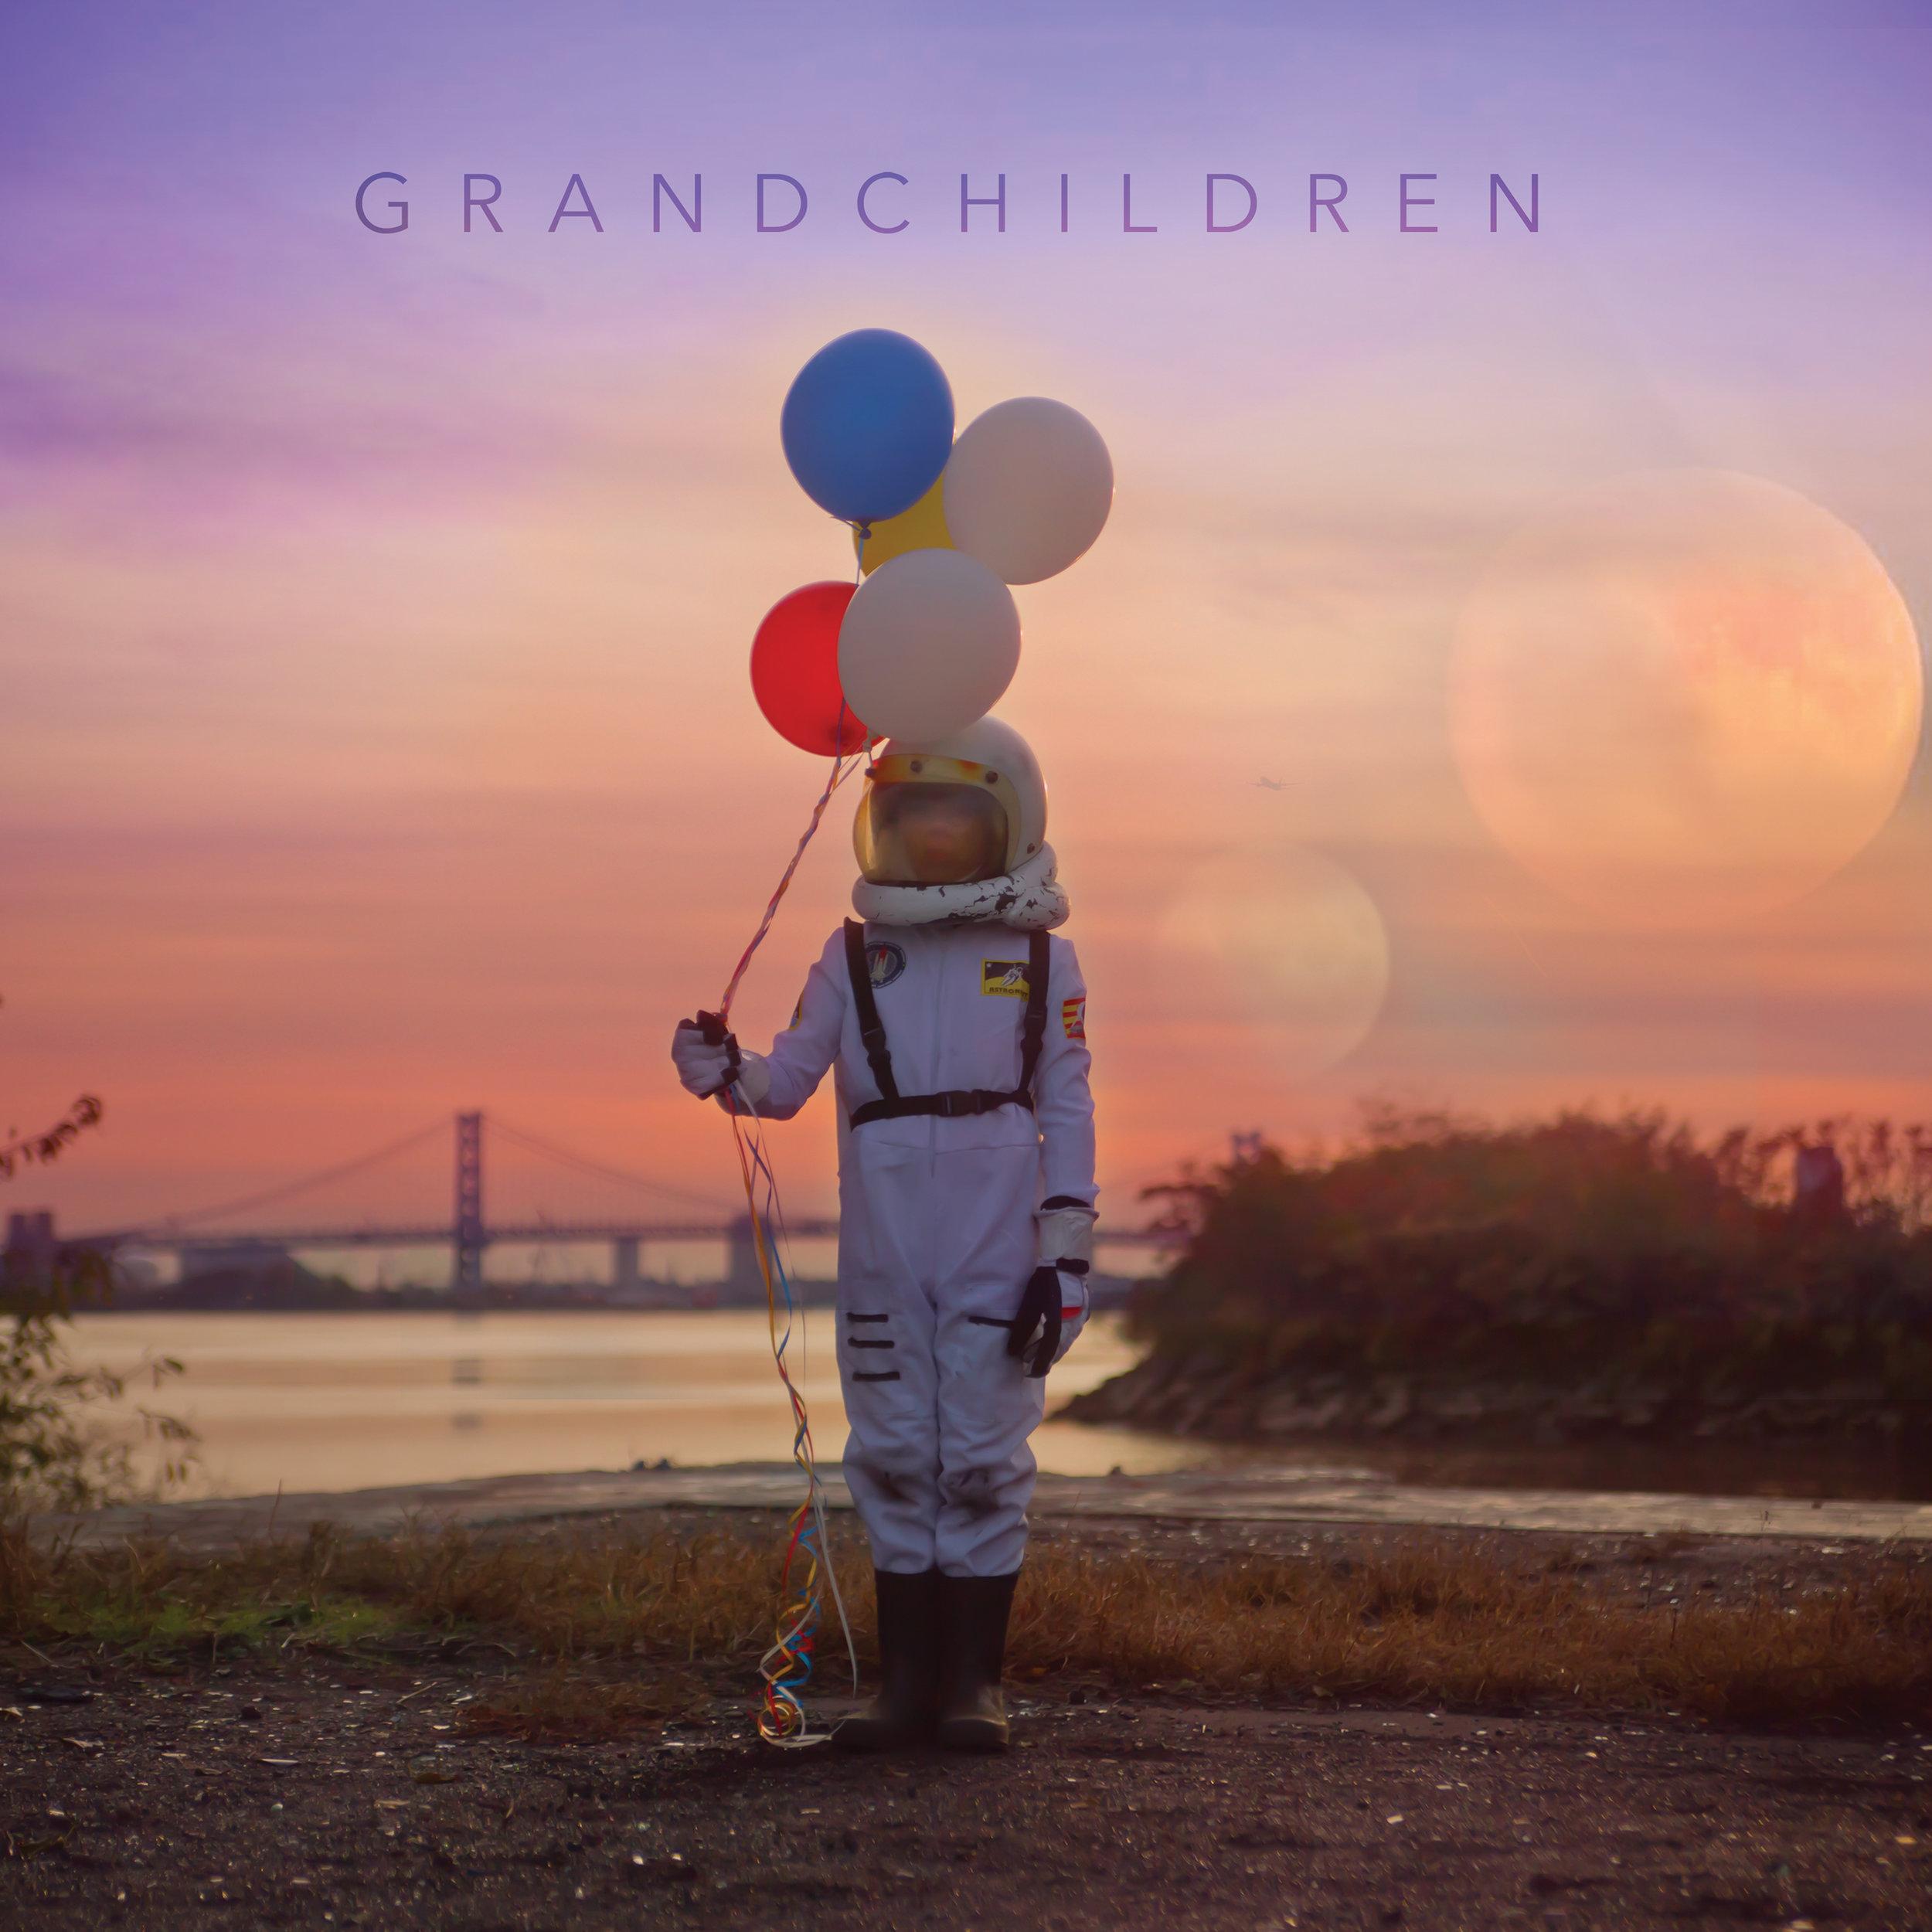 grandchildren grandchildren [ernest jenning]